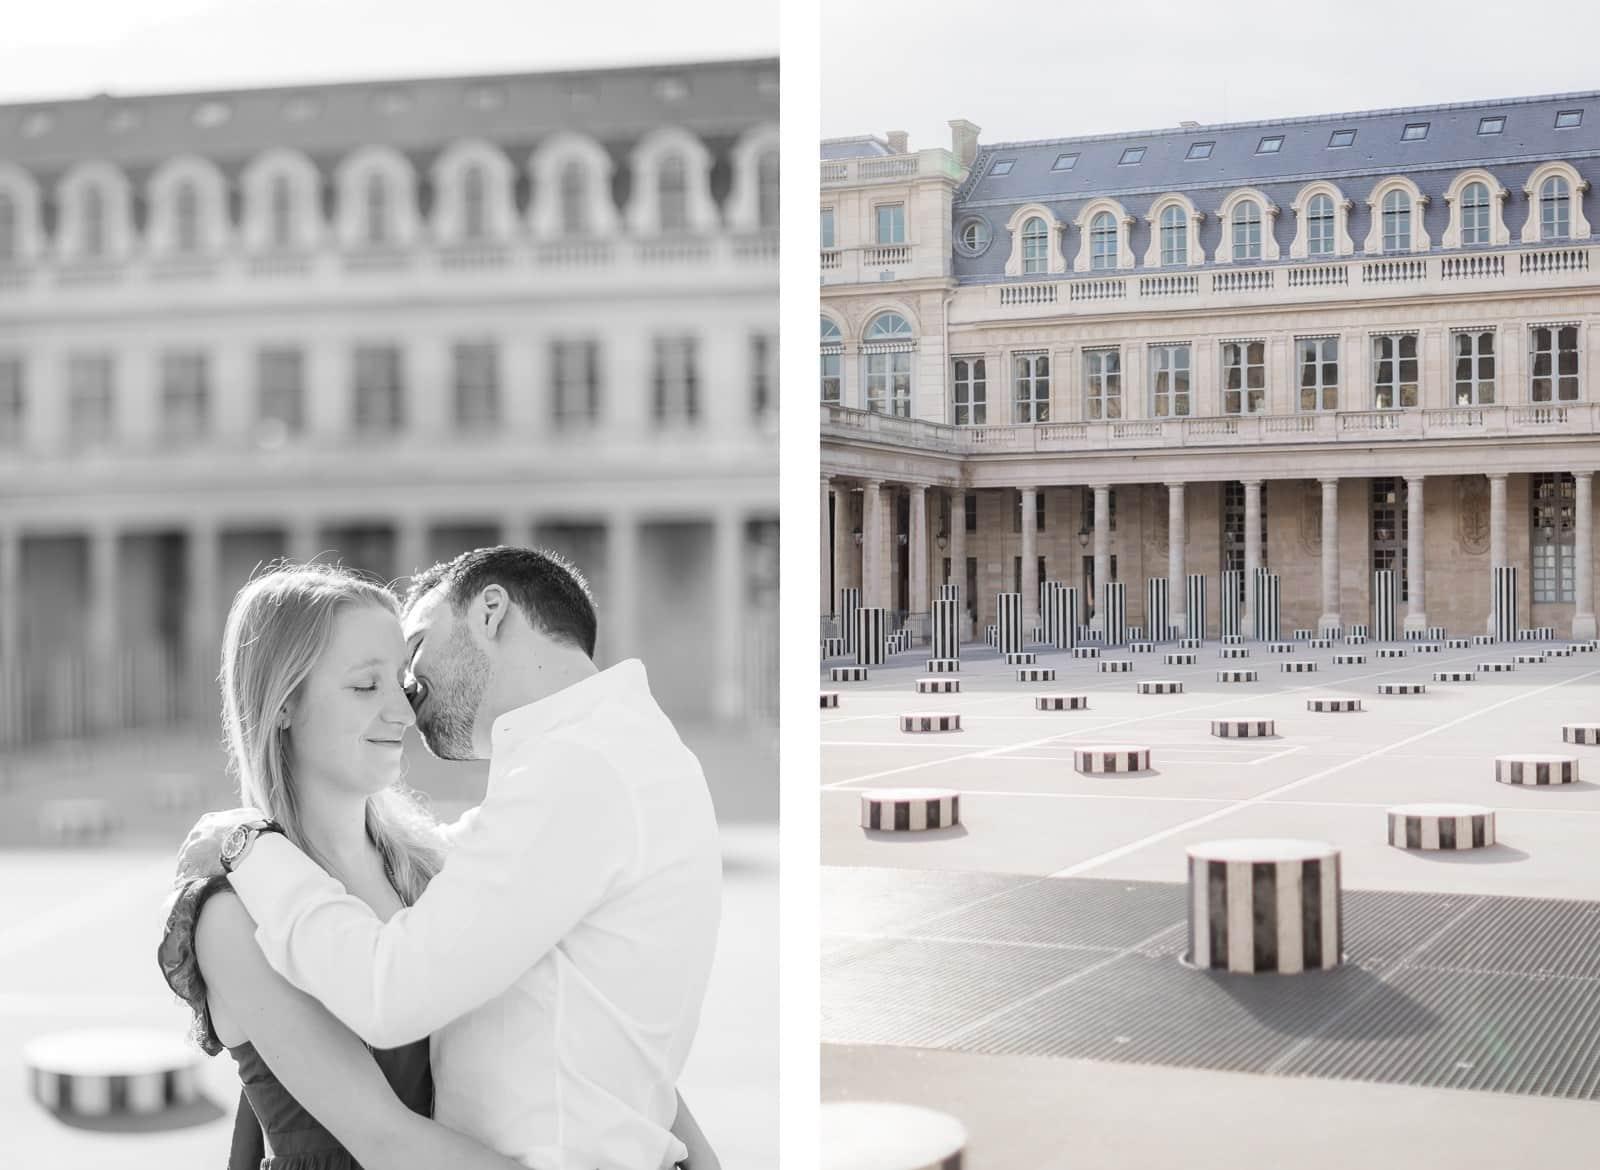 Photo de Mathieu Dété, couple enlacé près des colonnes de Buren